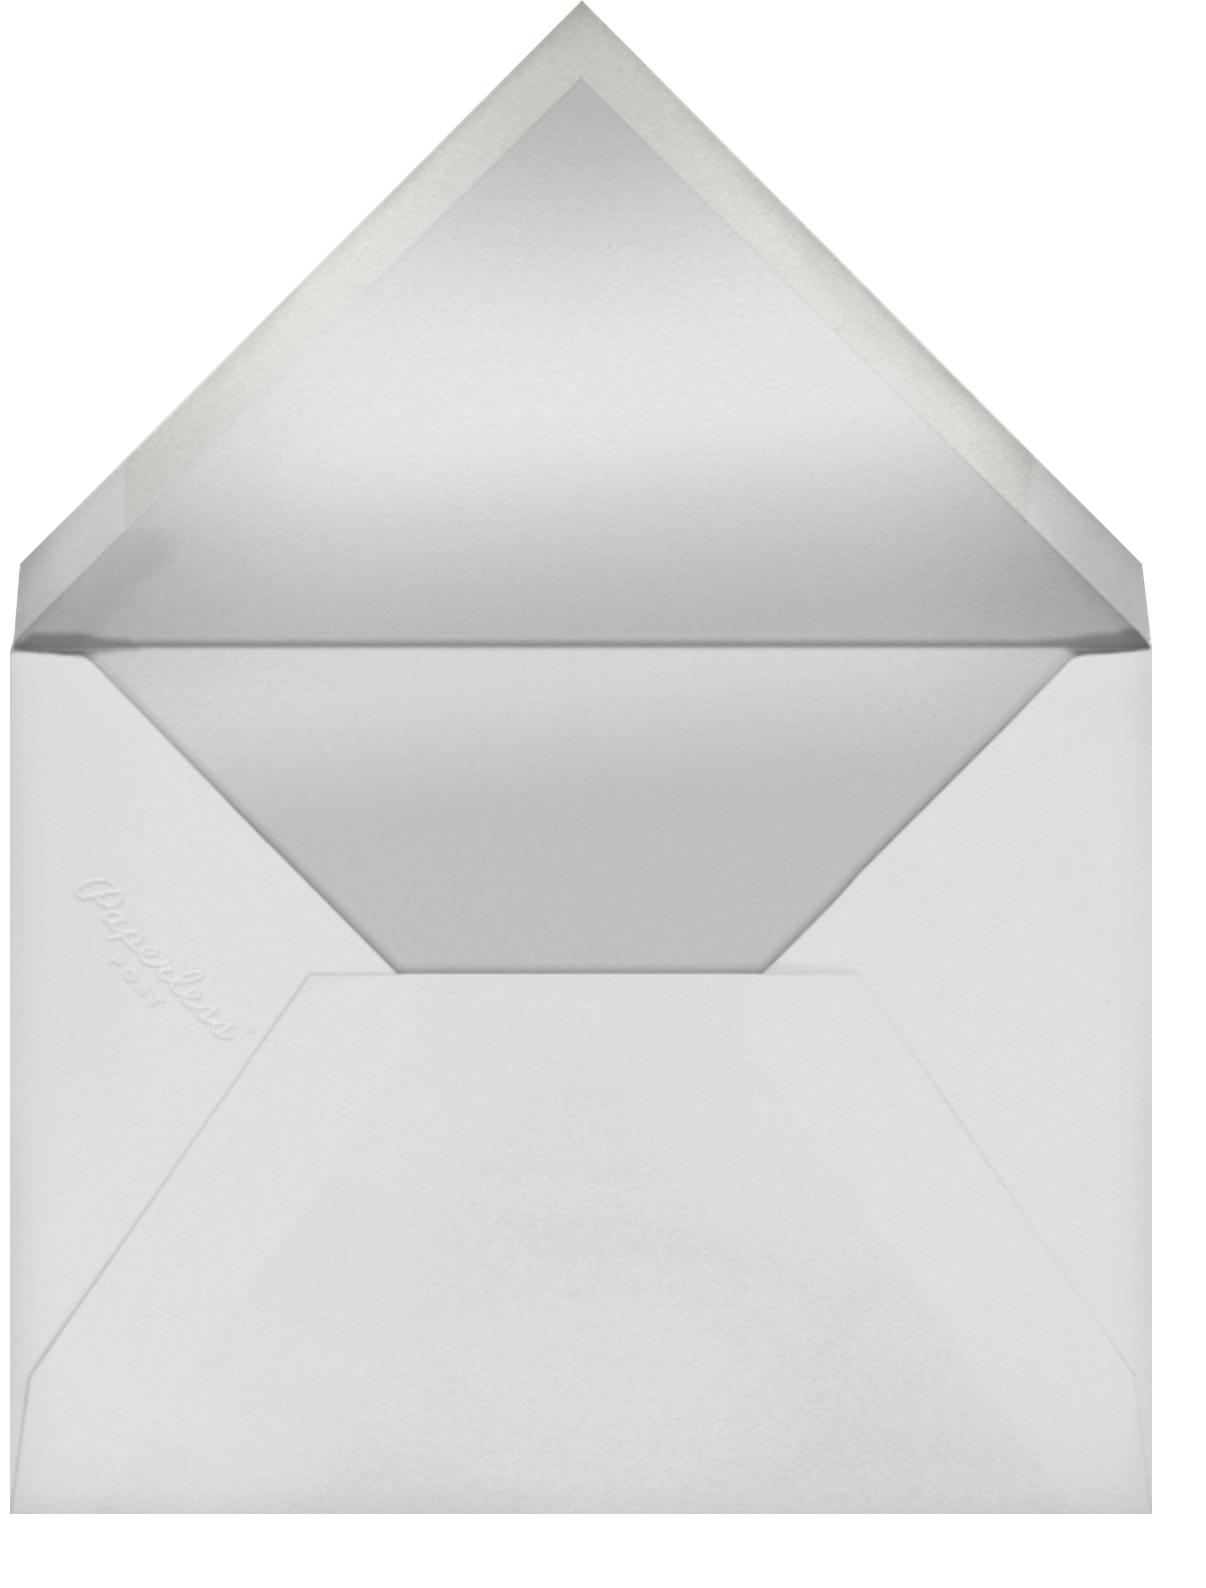 Editorial II (Menu) - Gold - Paperless Post - Menus - envelope back